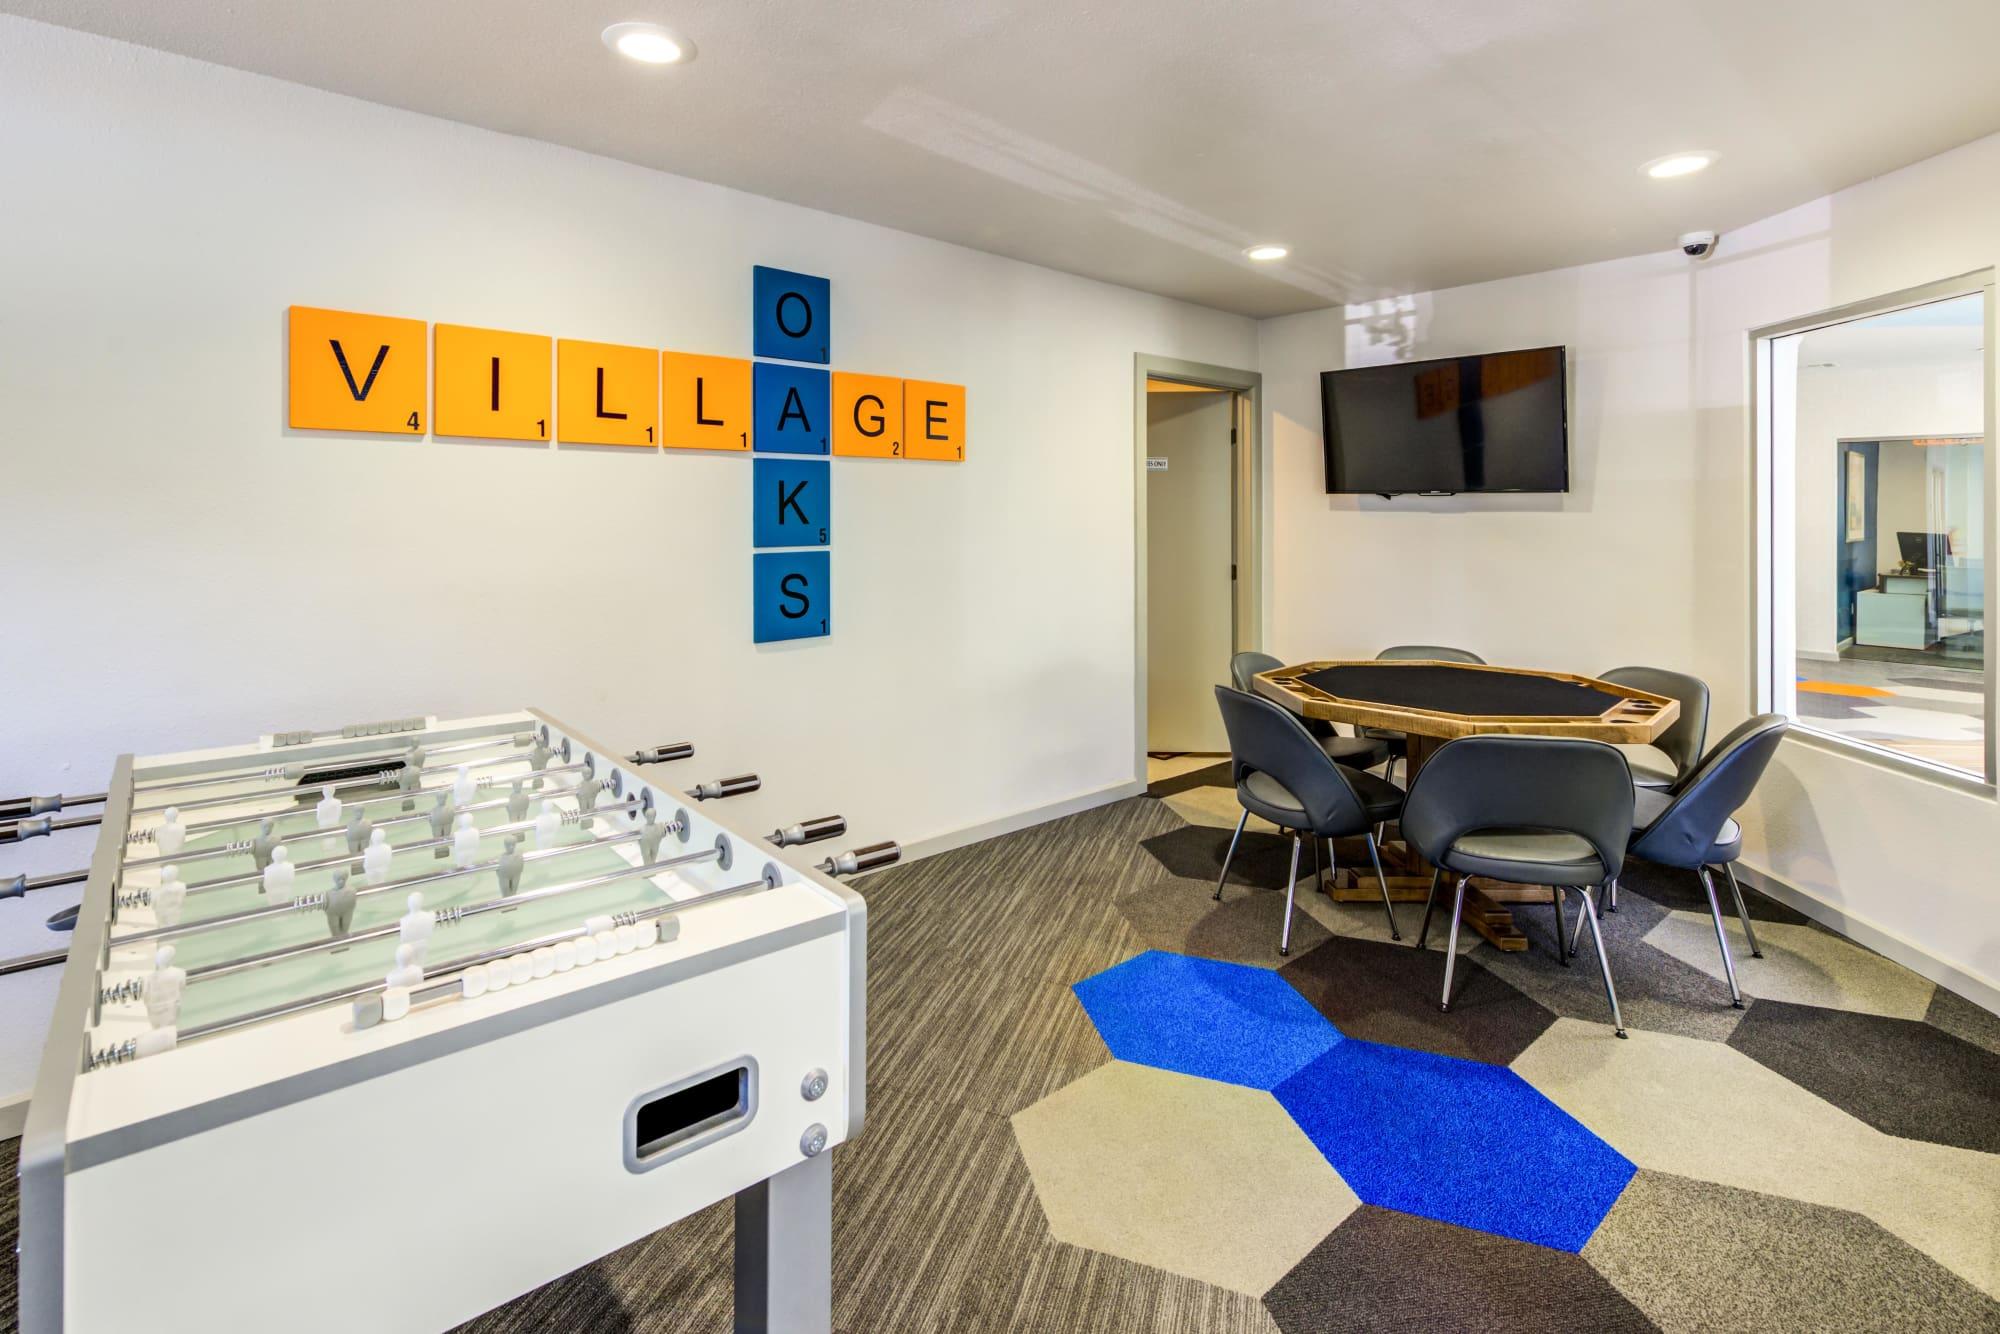 Game room, fooseball, poker table